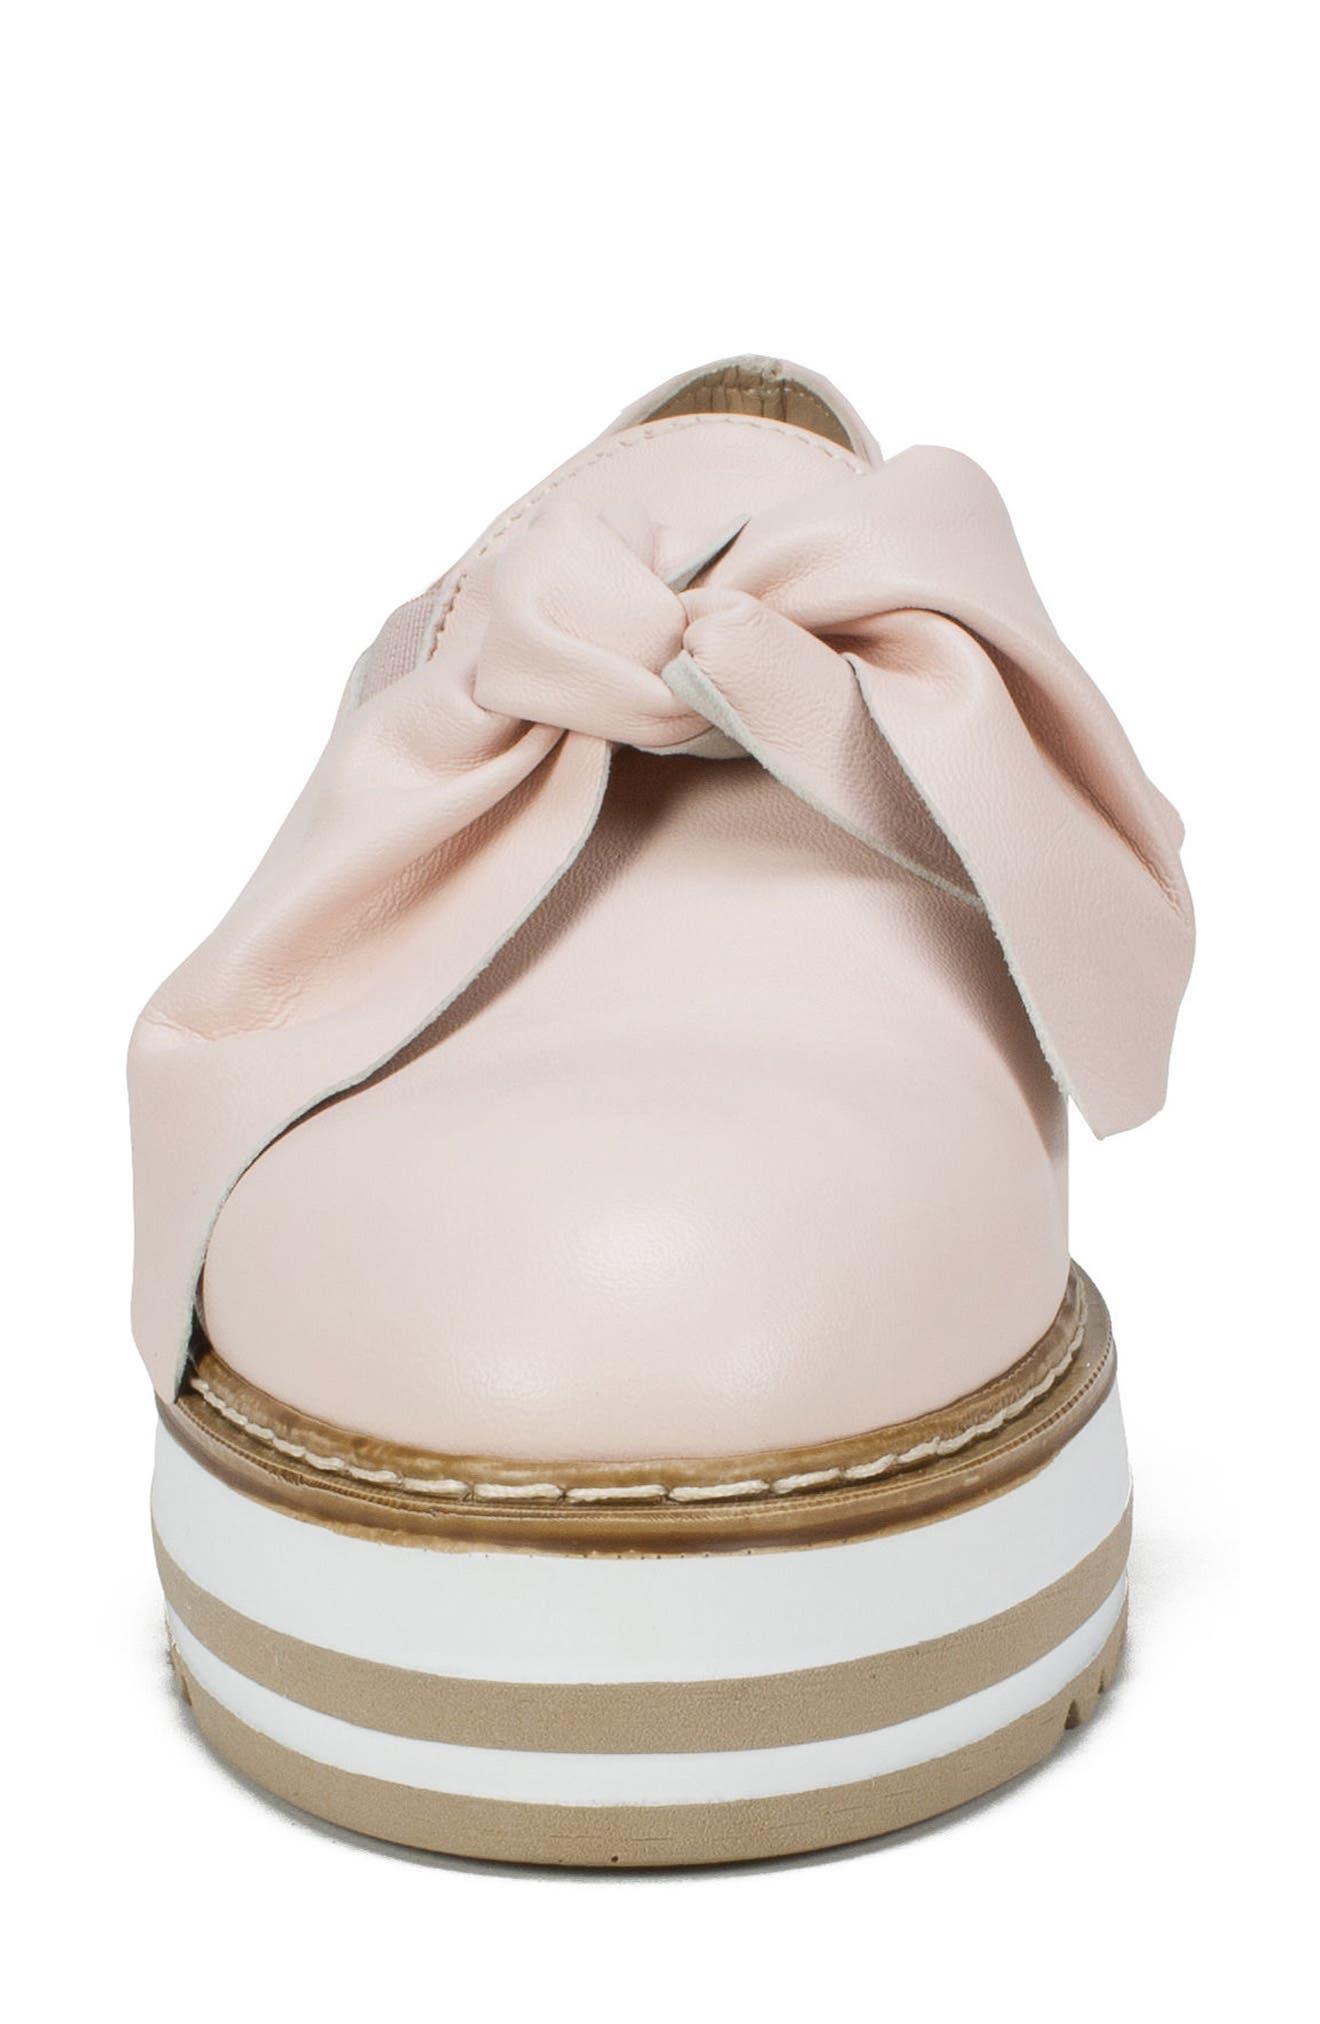 Bella Platform Loafer,                             Alternate thumbnail 4, color,                             Pink Leather